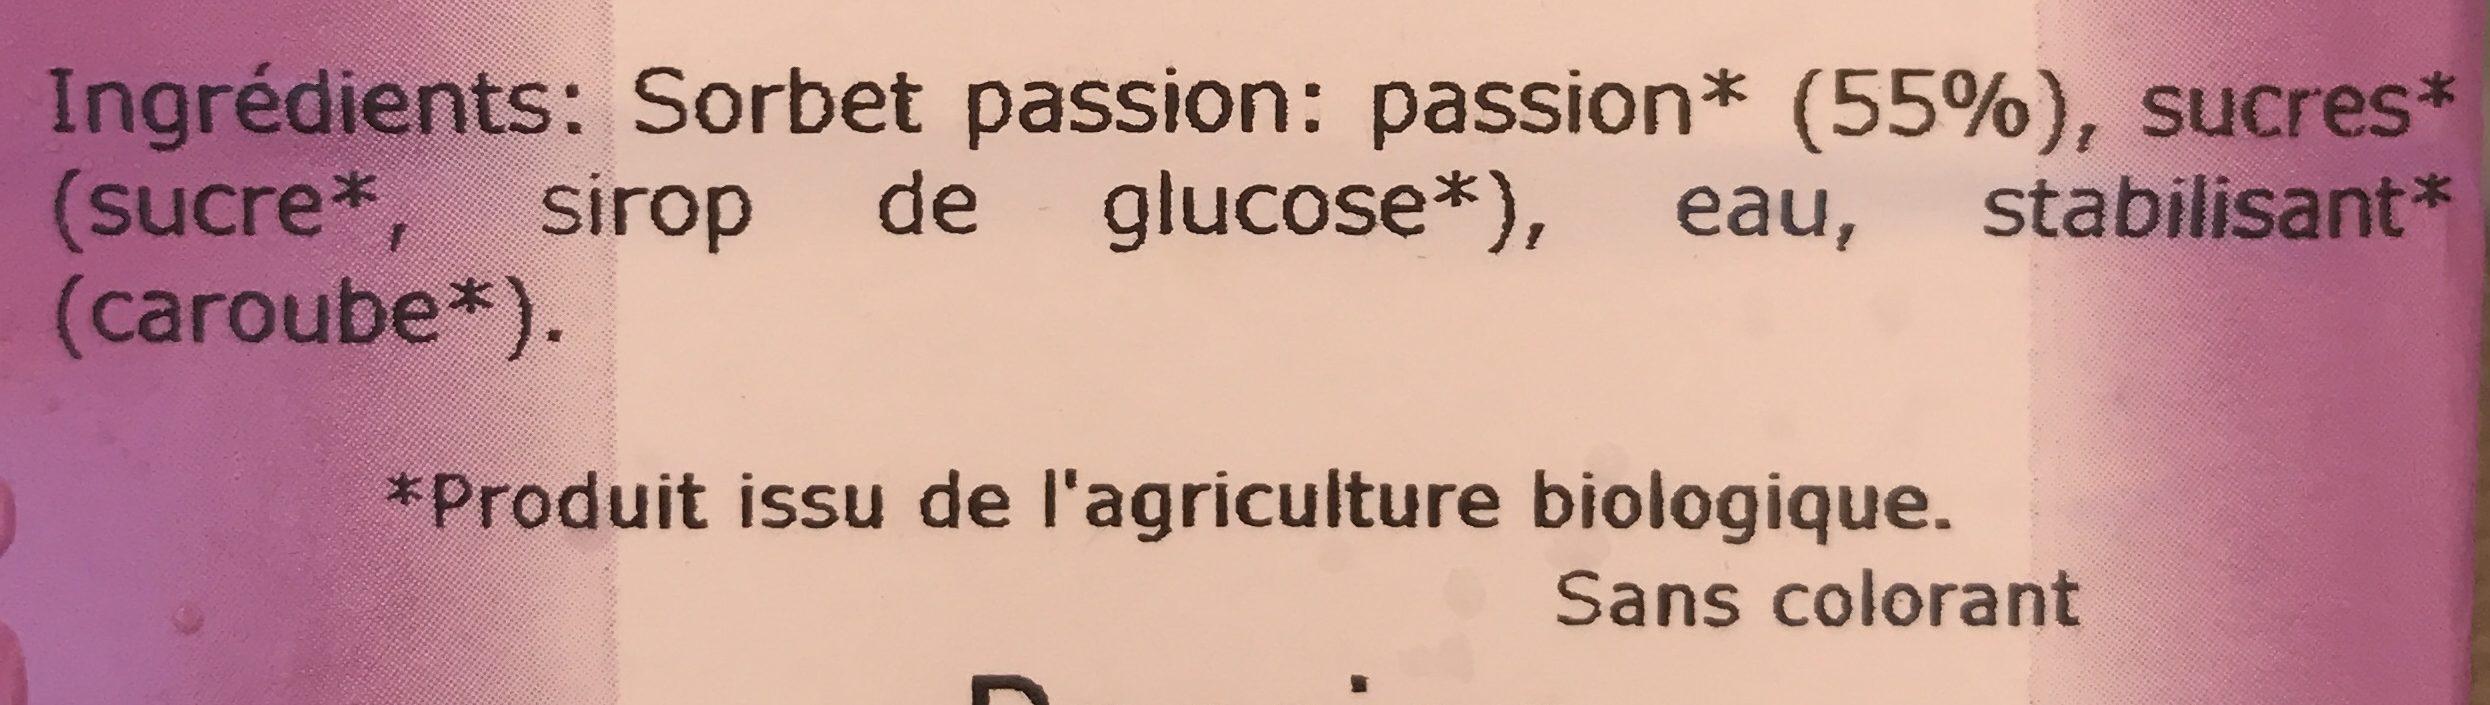 Passion - Ingrédients